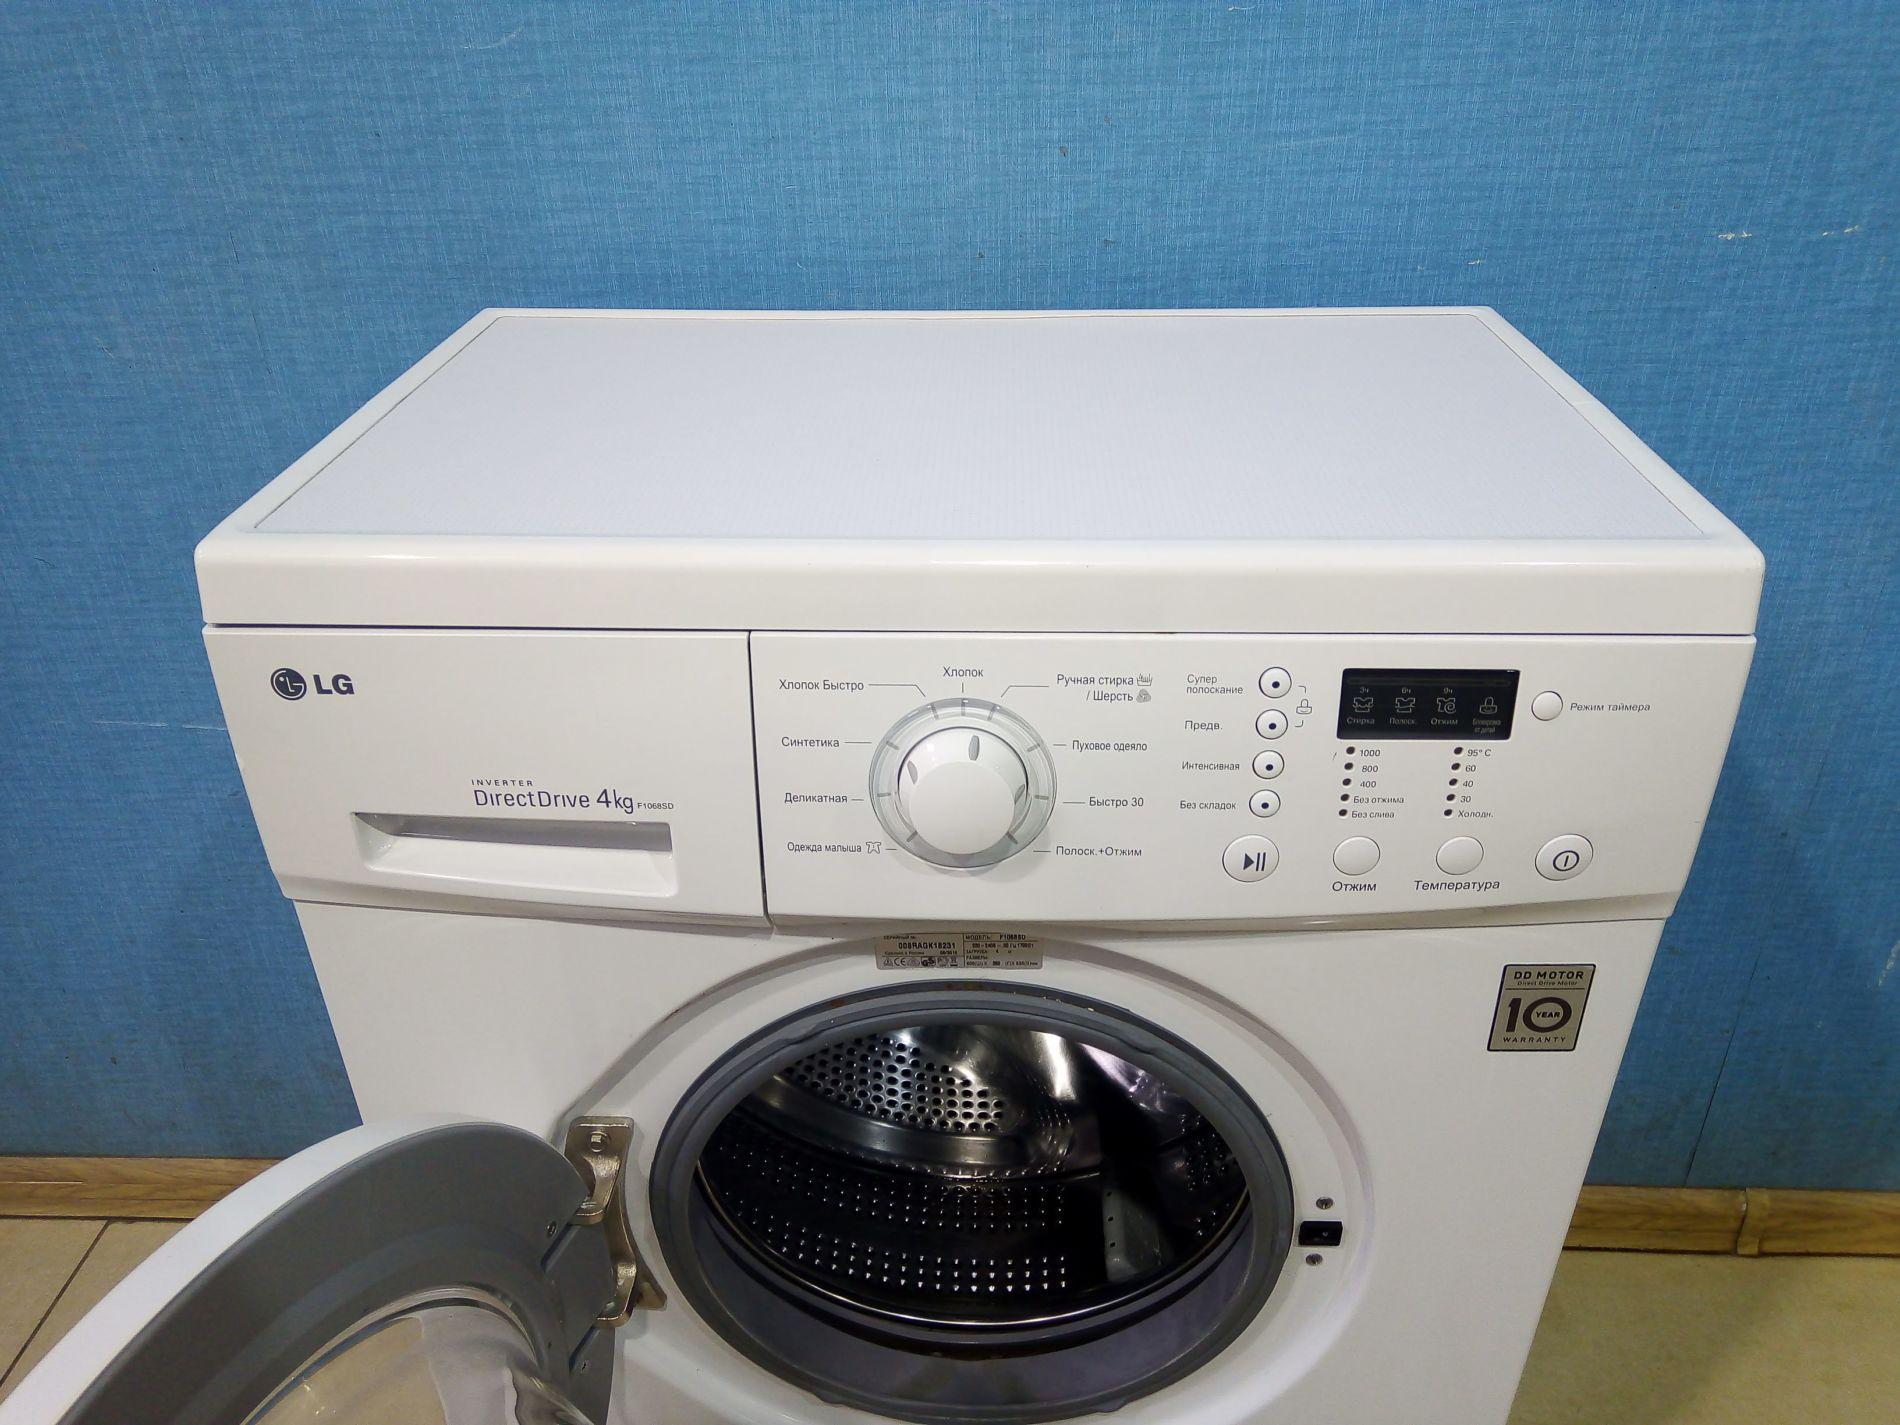 стиральная машина LG прямой привод